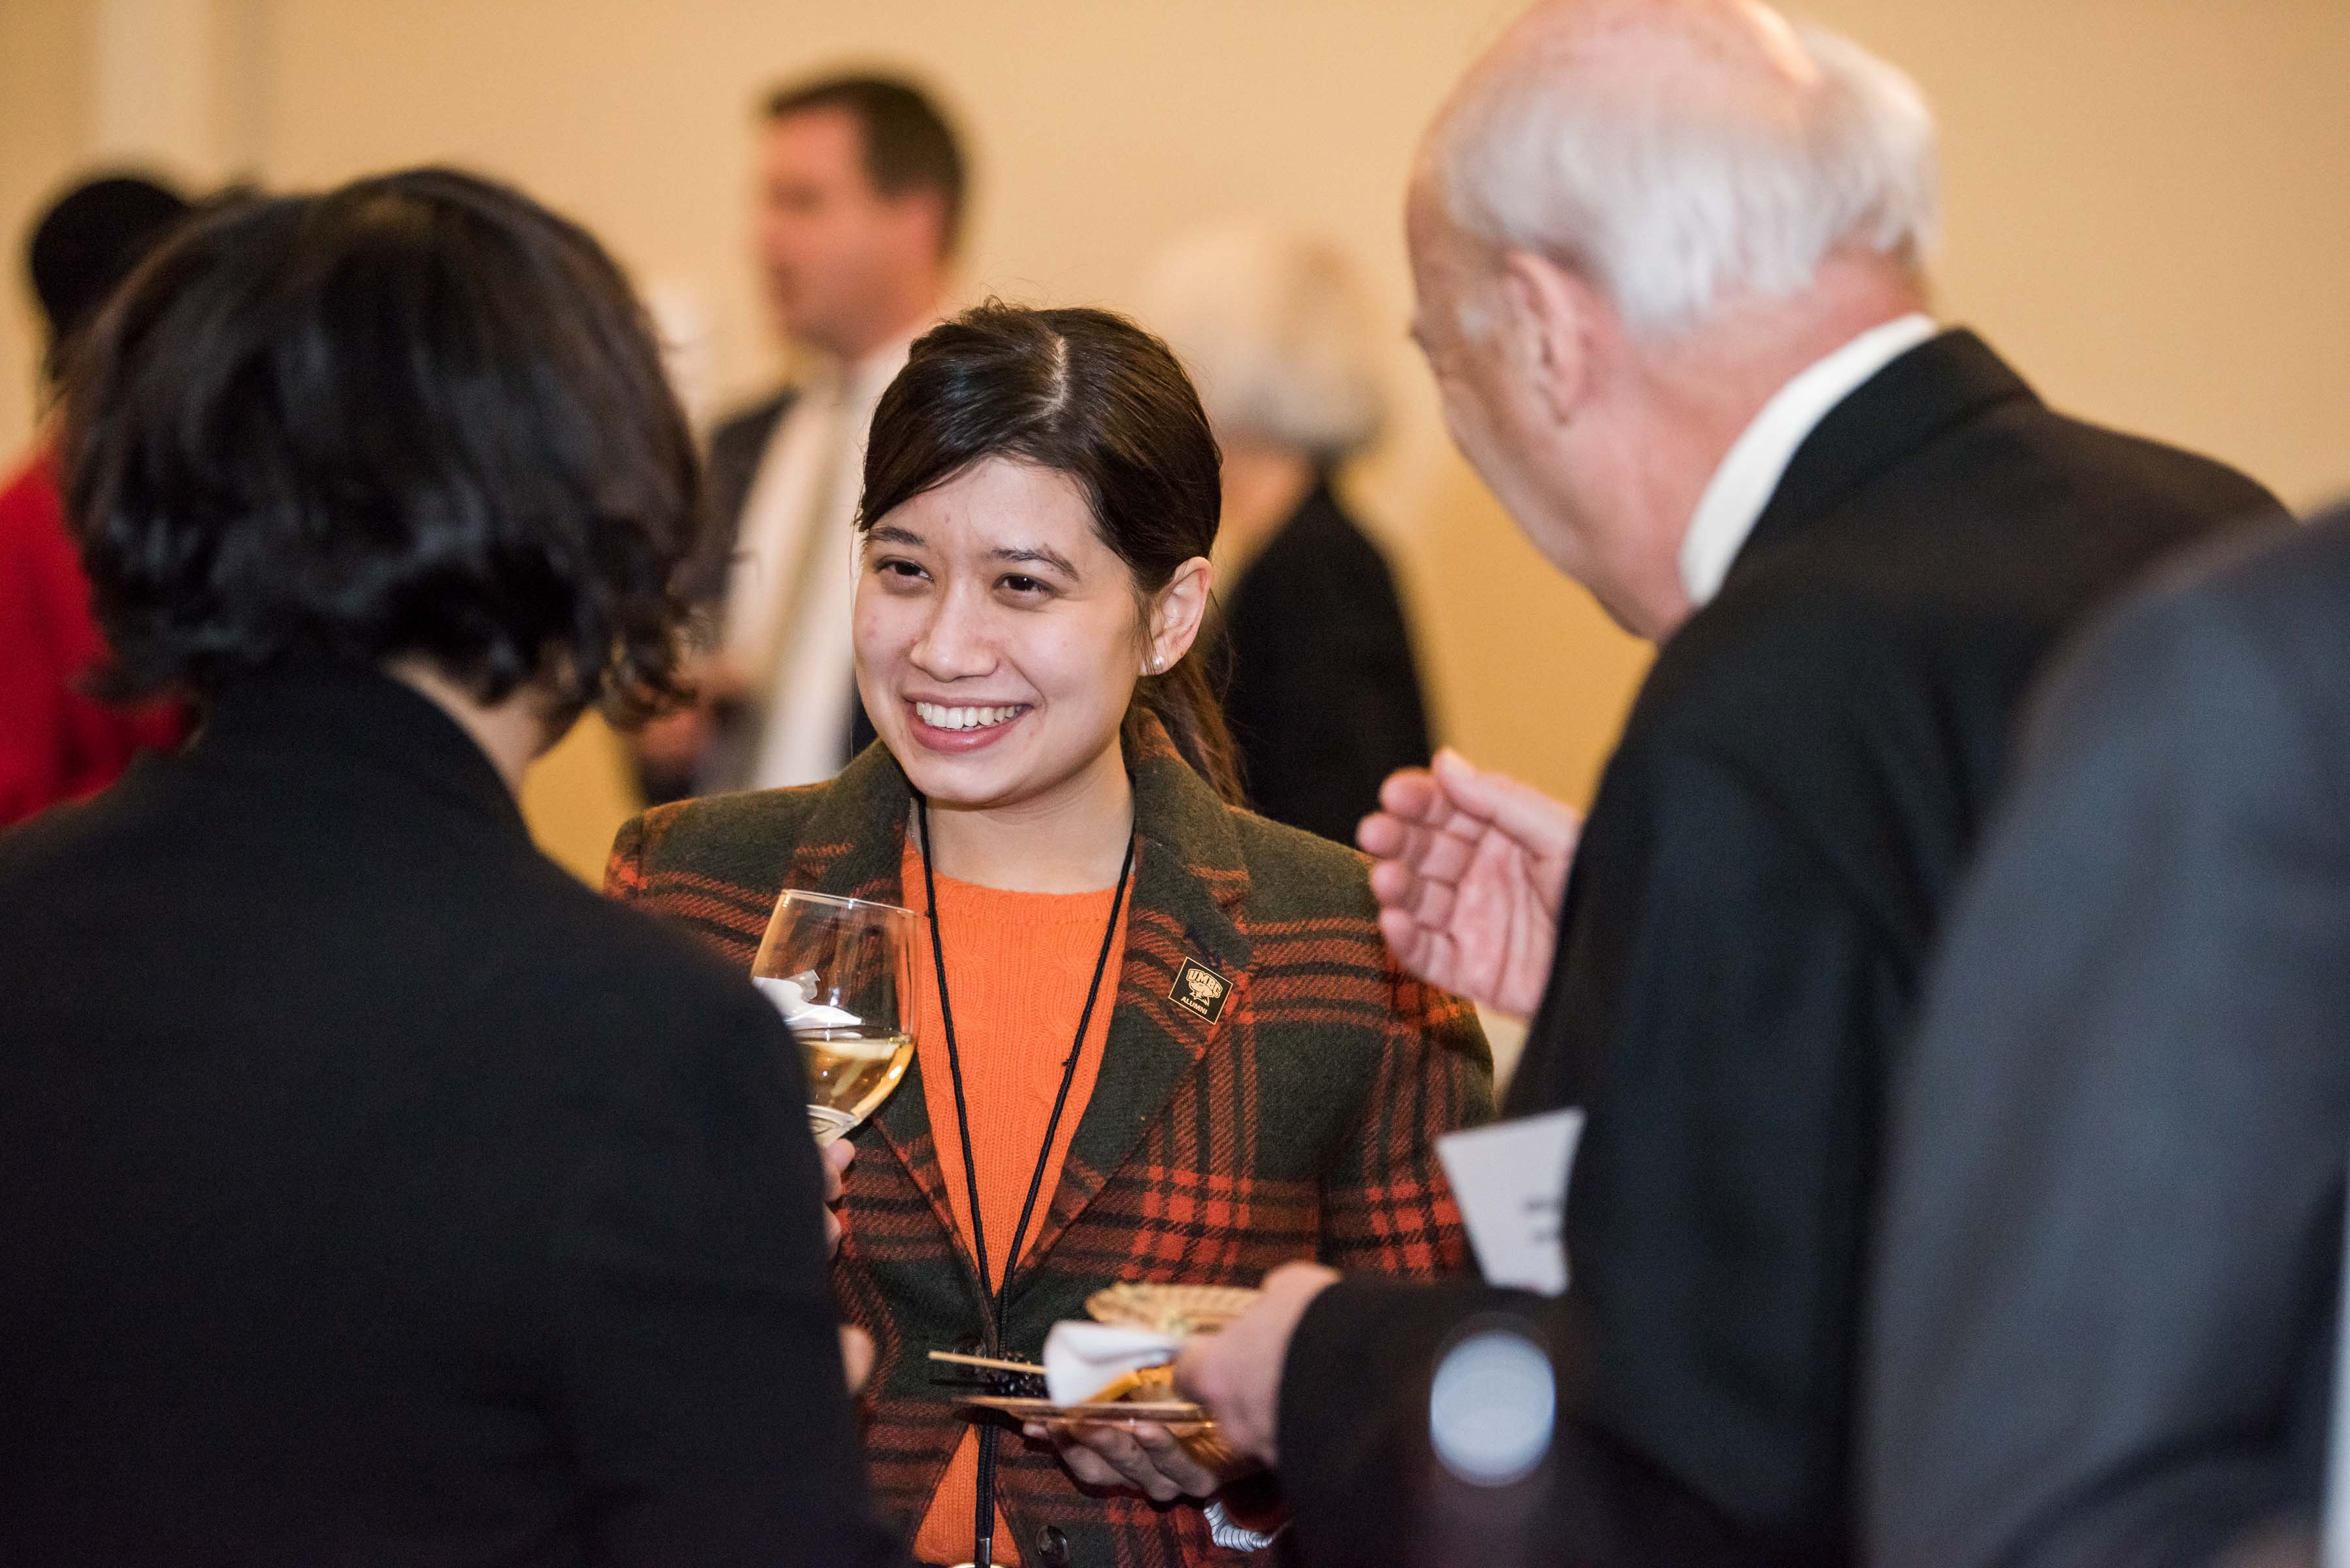 Mingling at Annapolis alumni reception